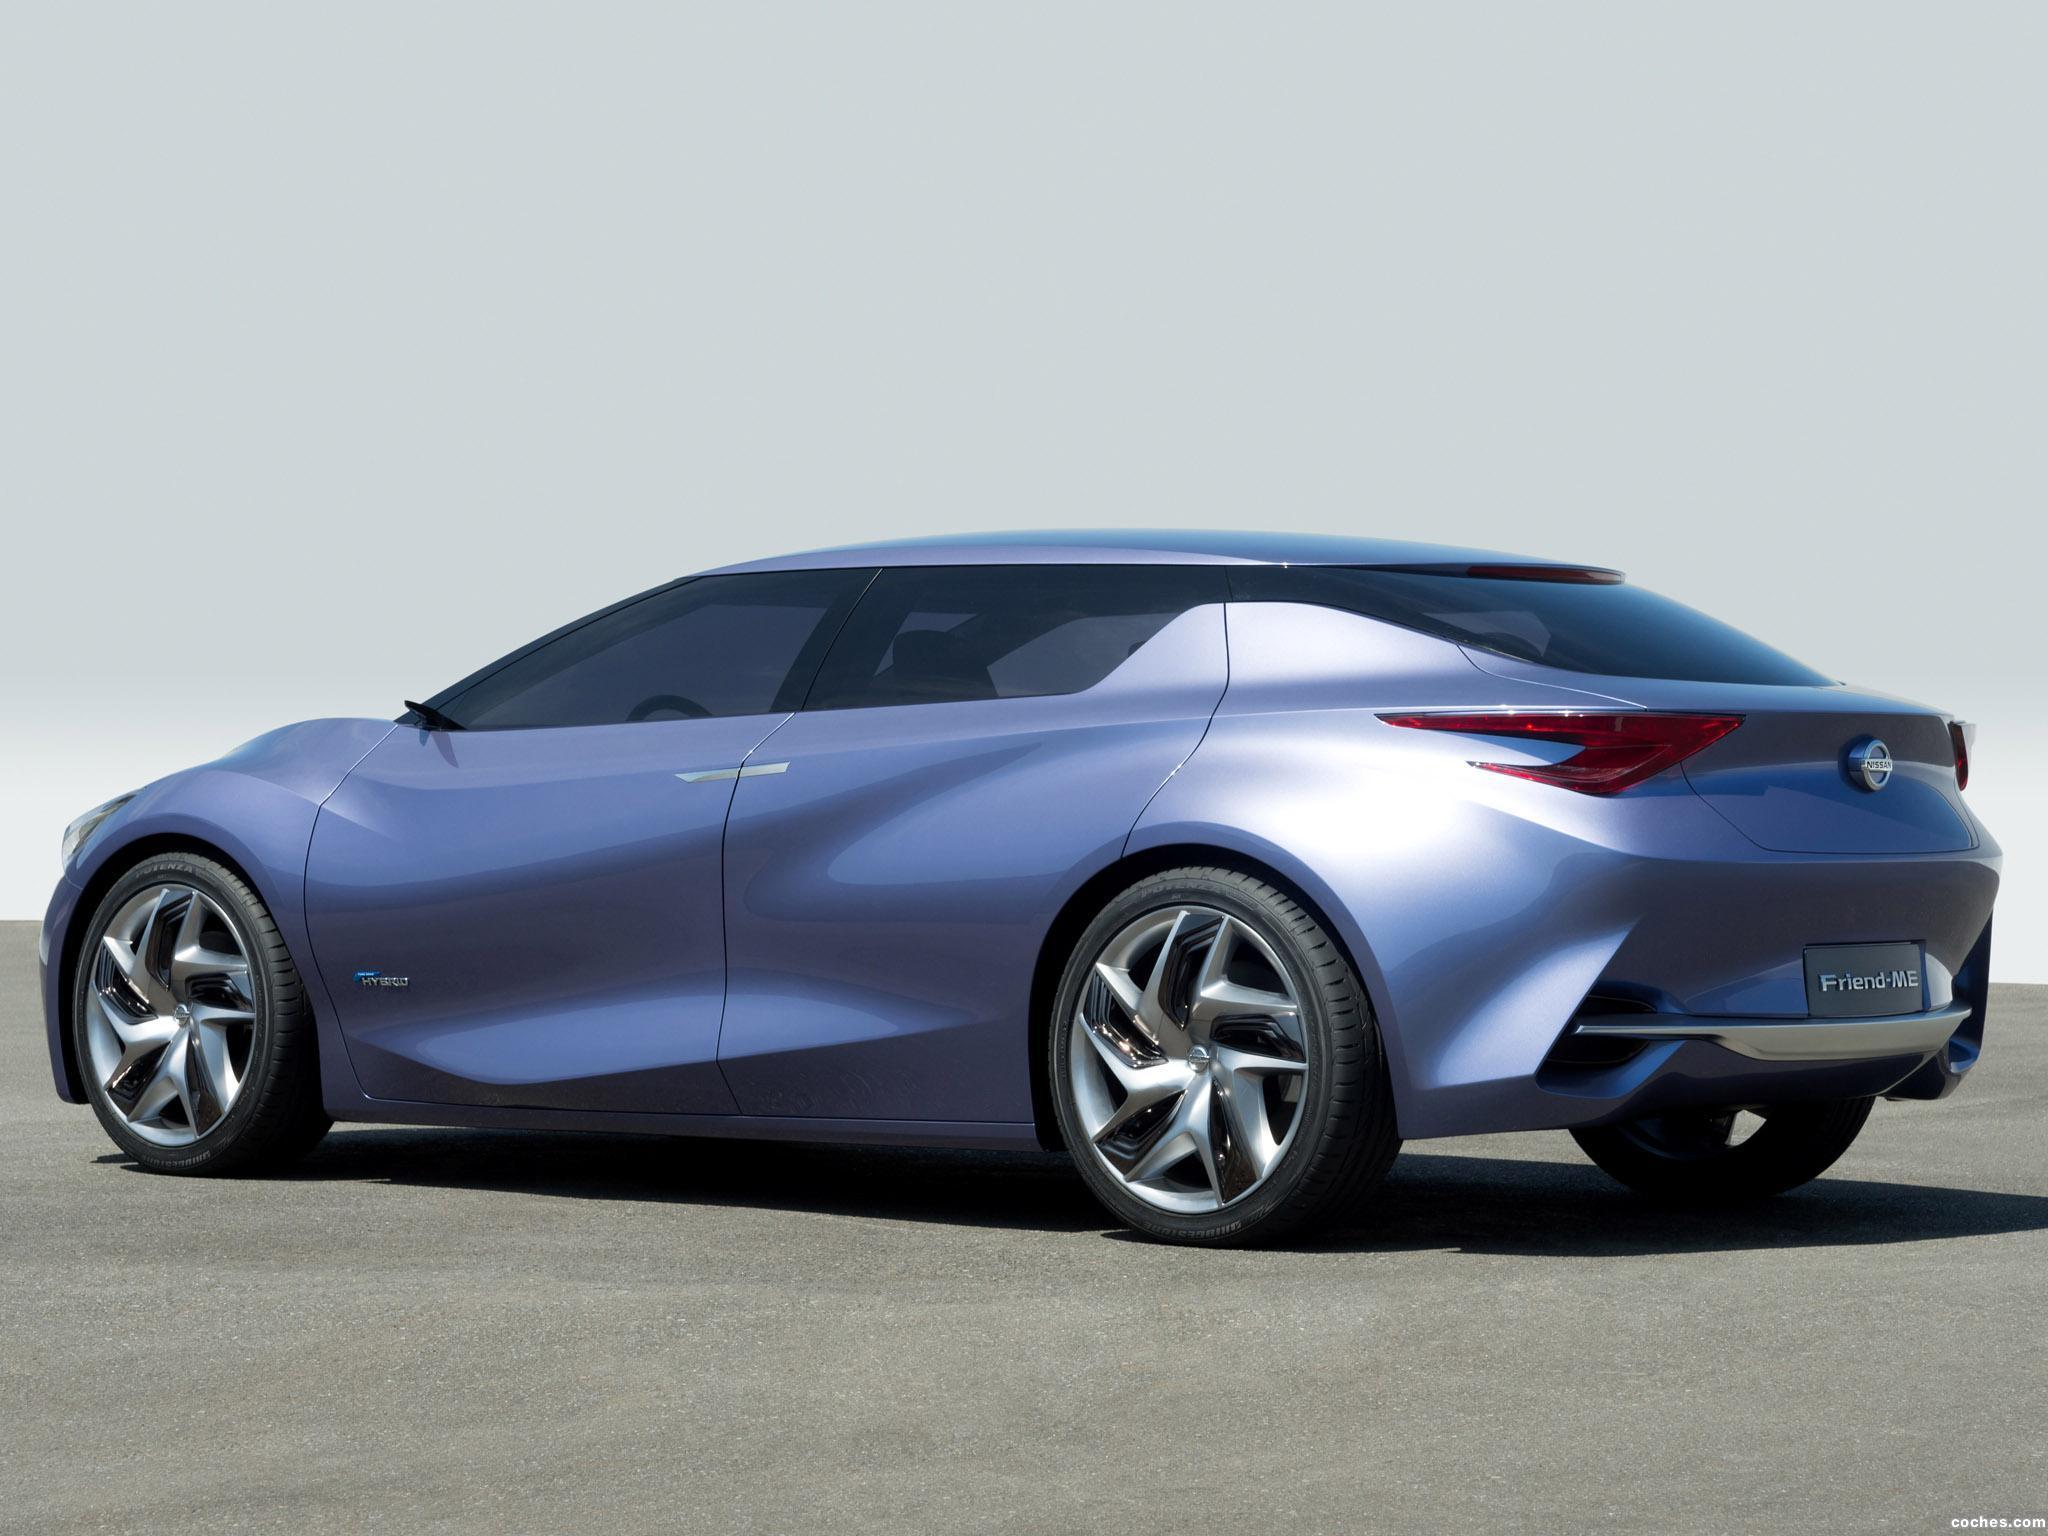 Foto 8 de Nissan Friend-ME Concept 2013